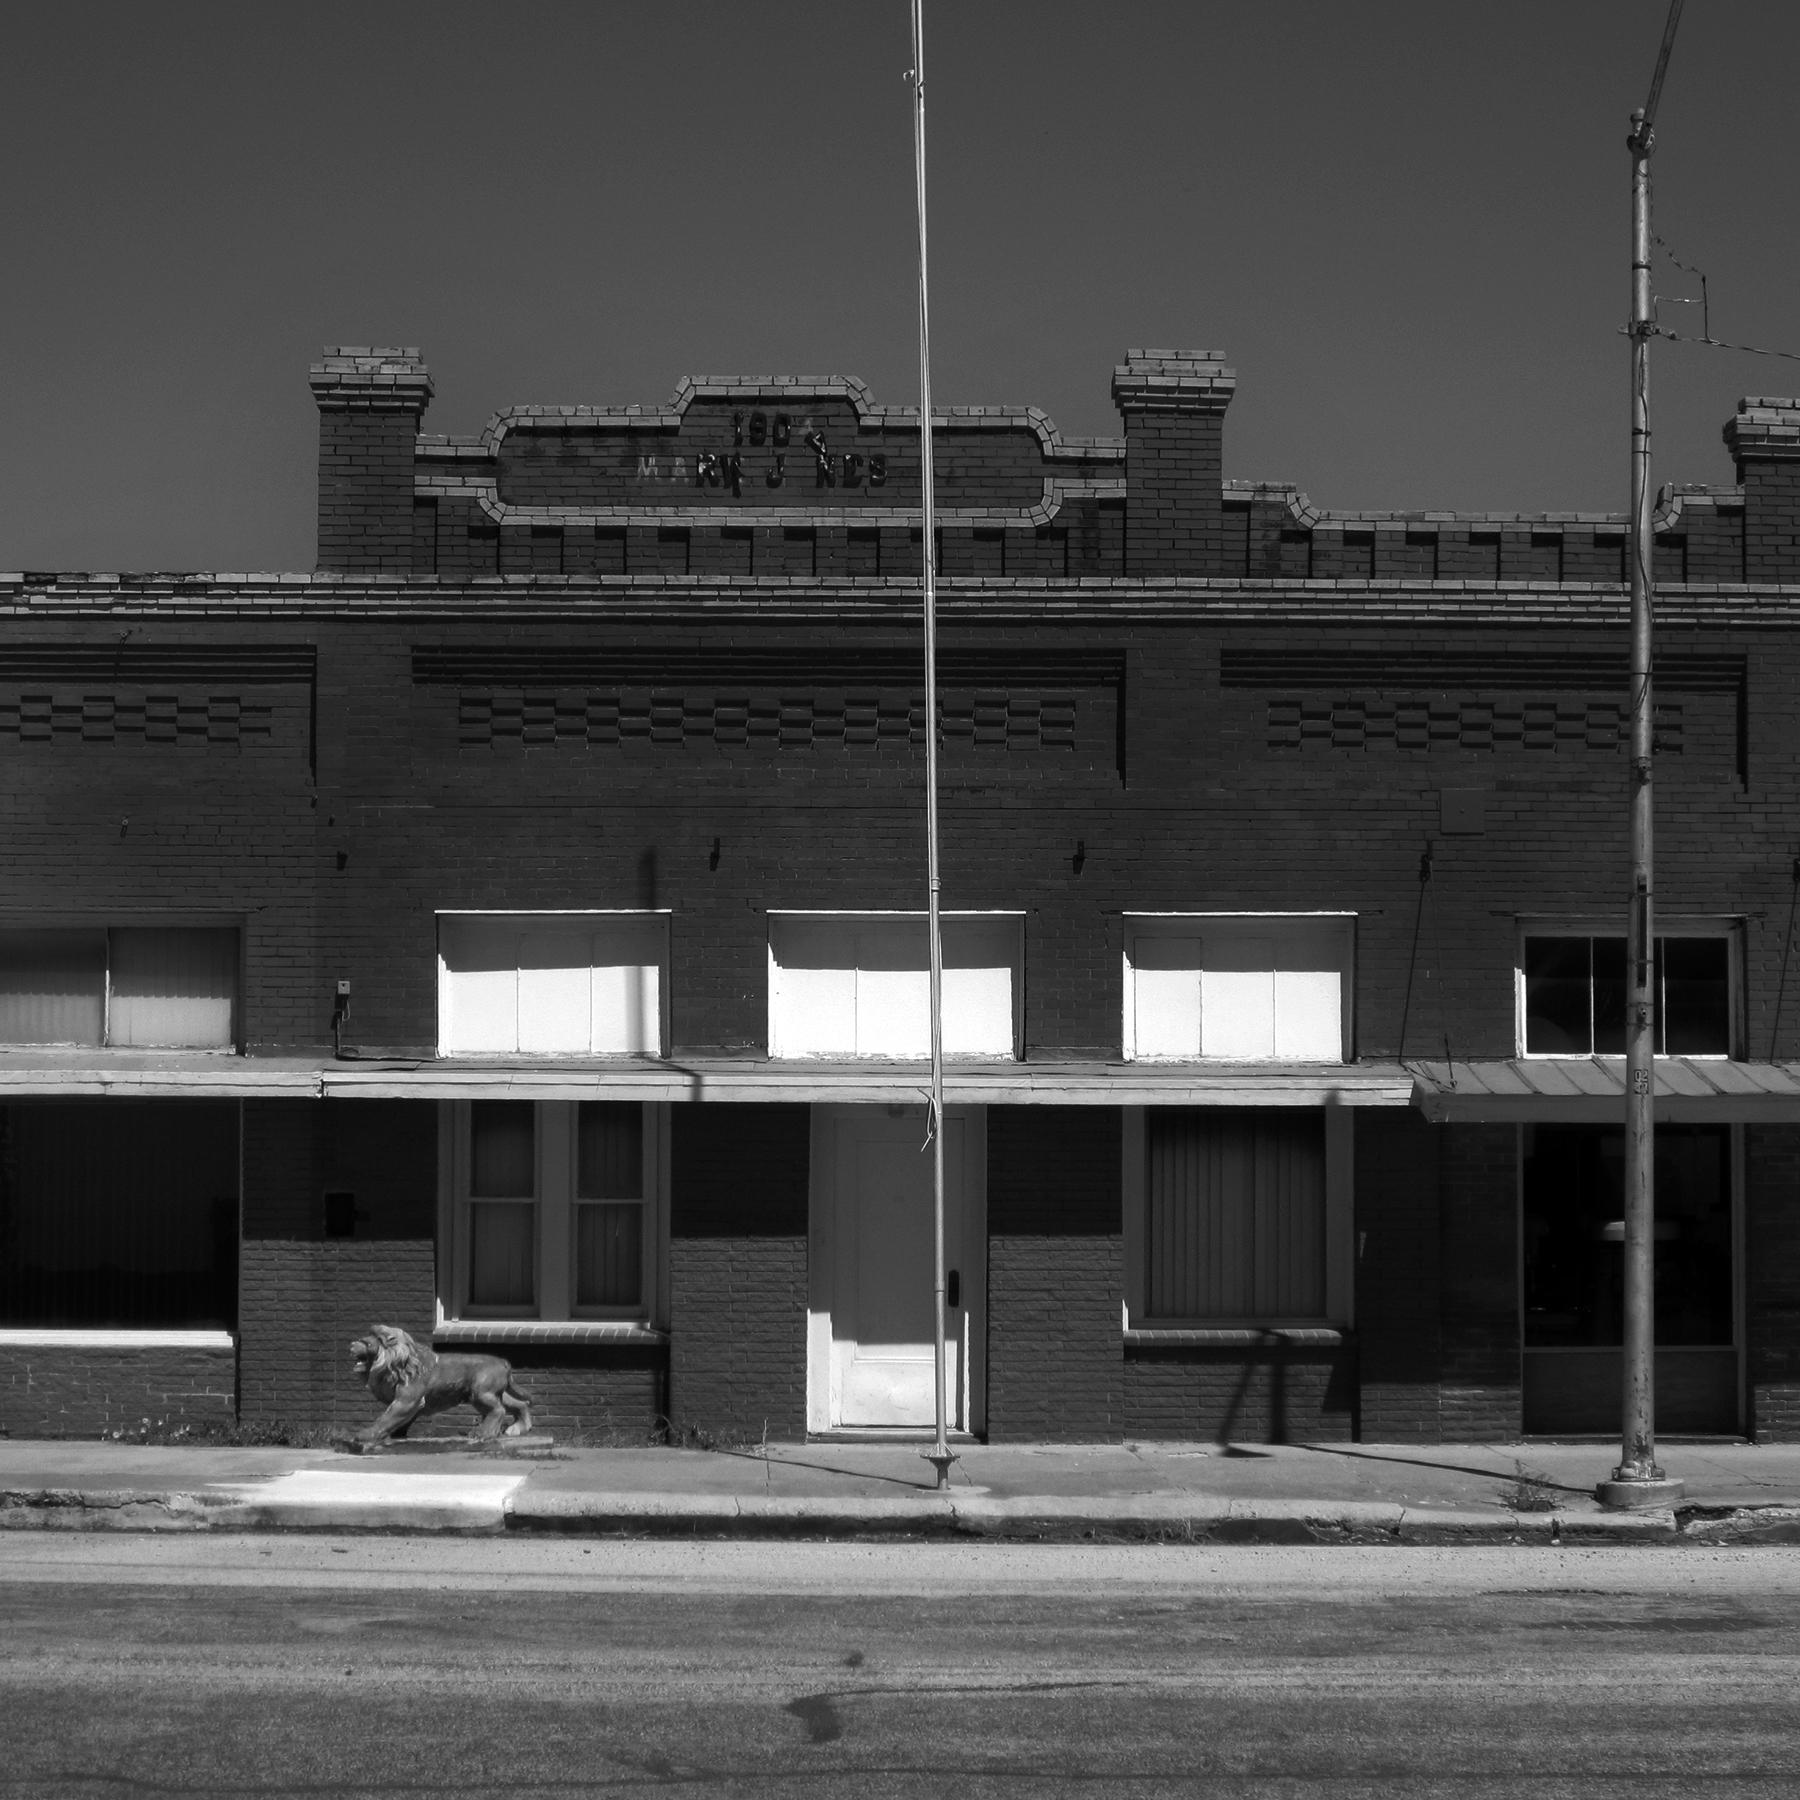 Judith_Birdsong_The Pride of Granger_Jones Building.jpg